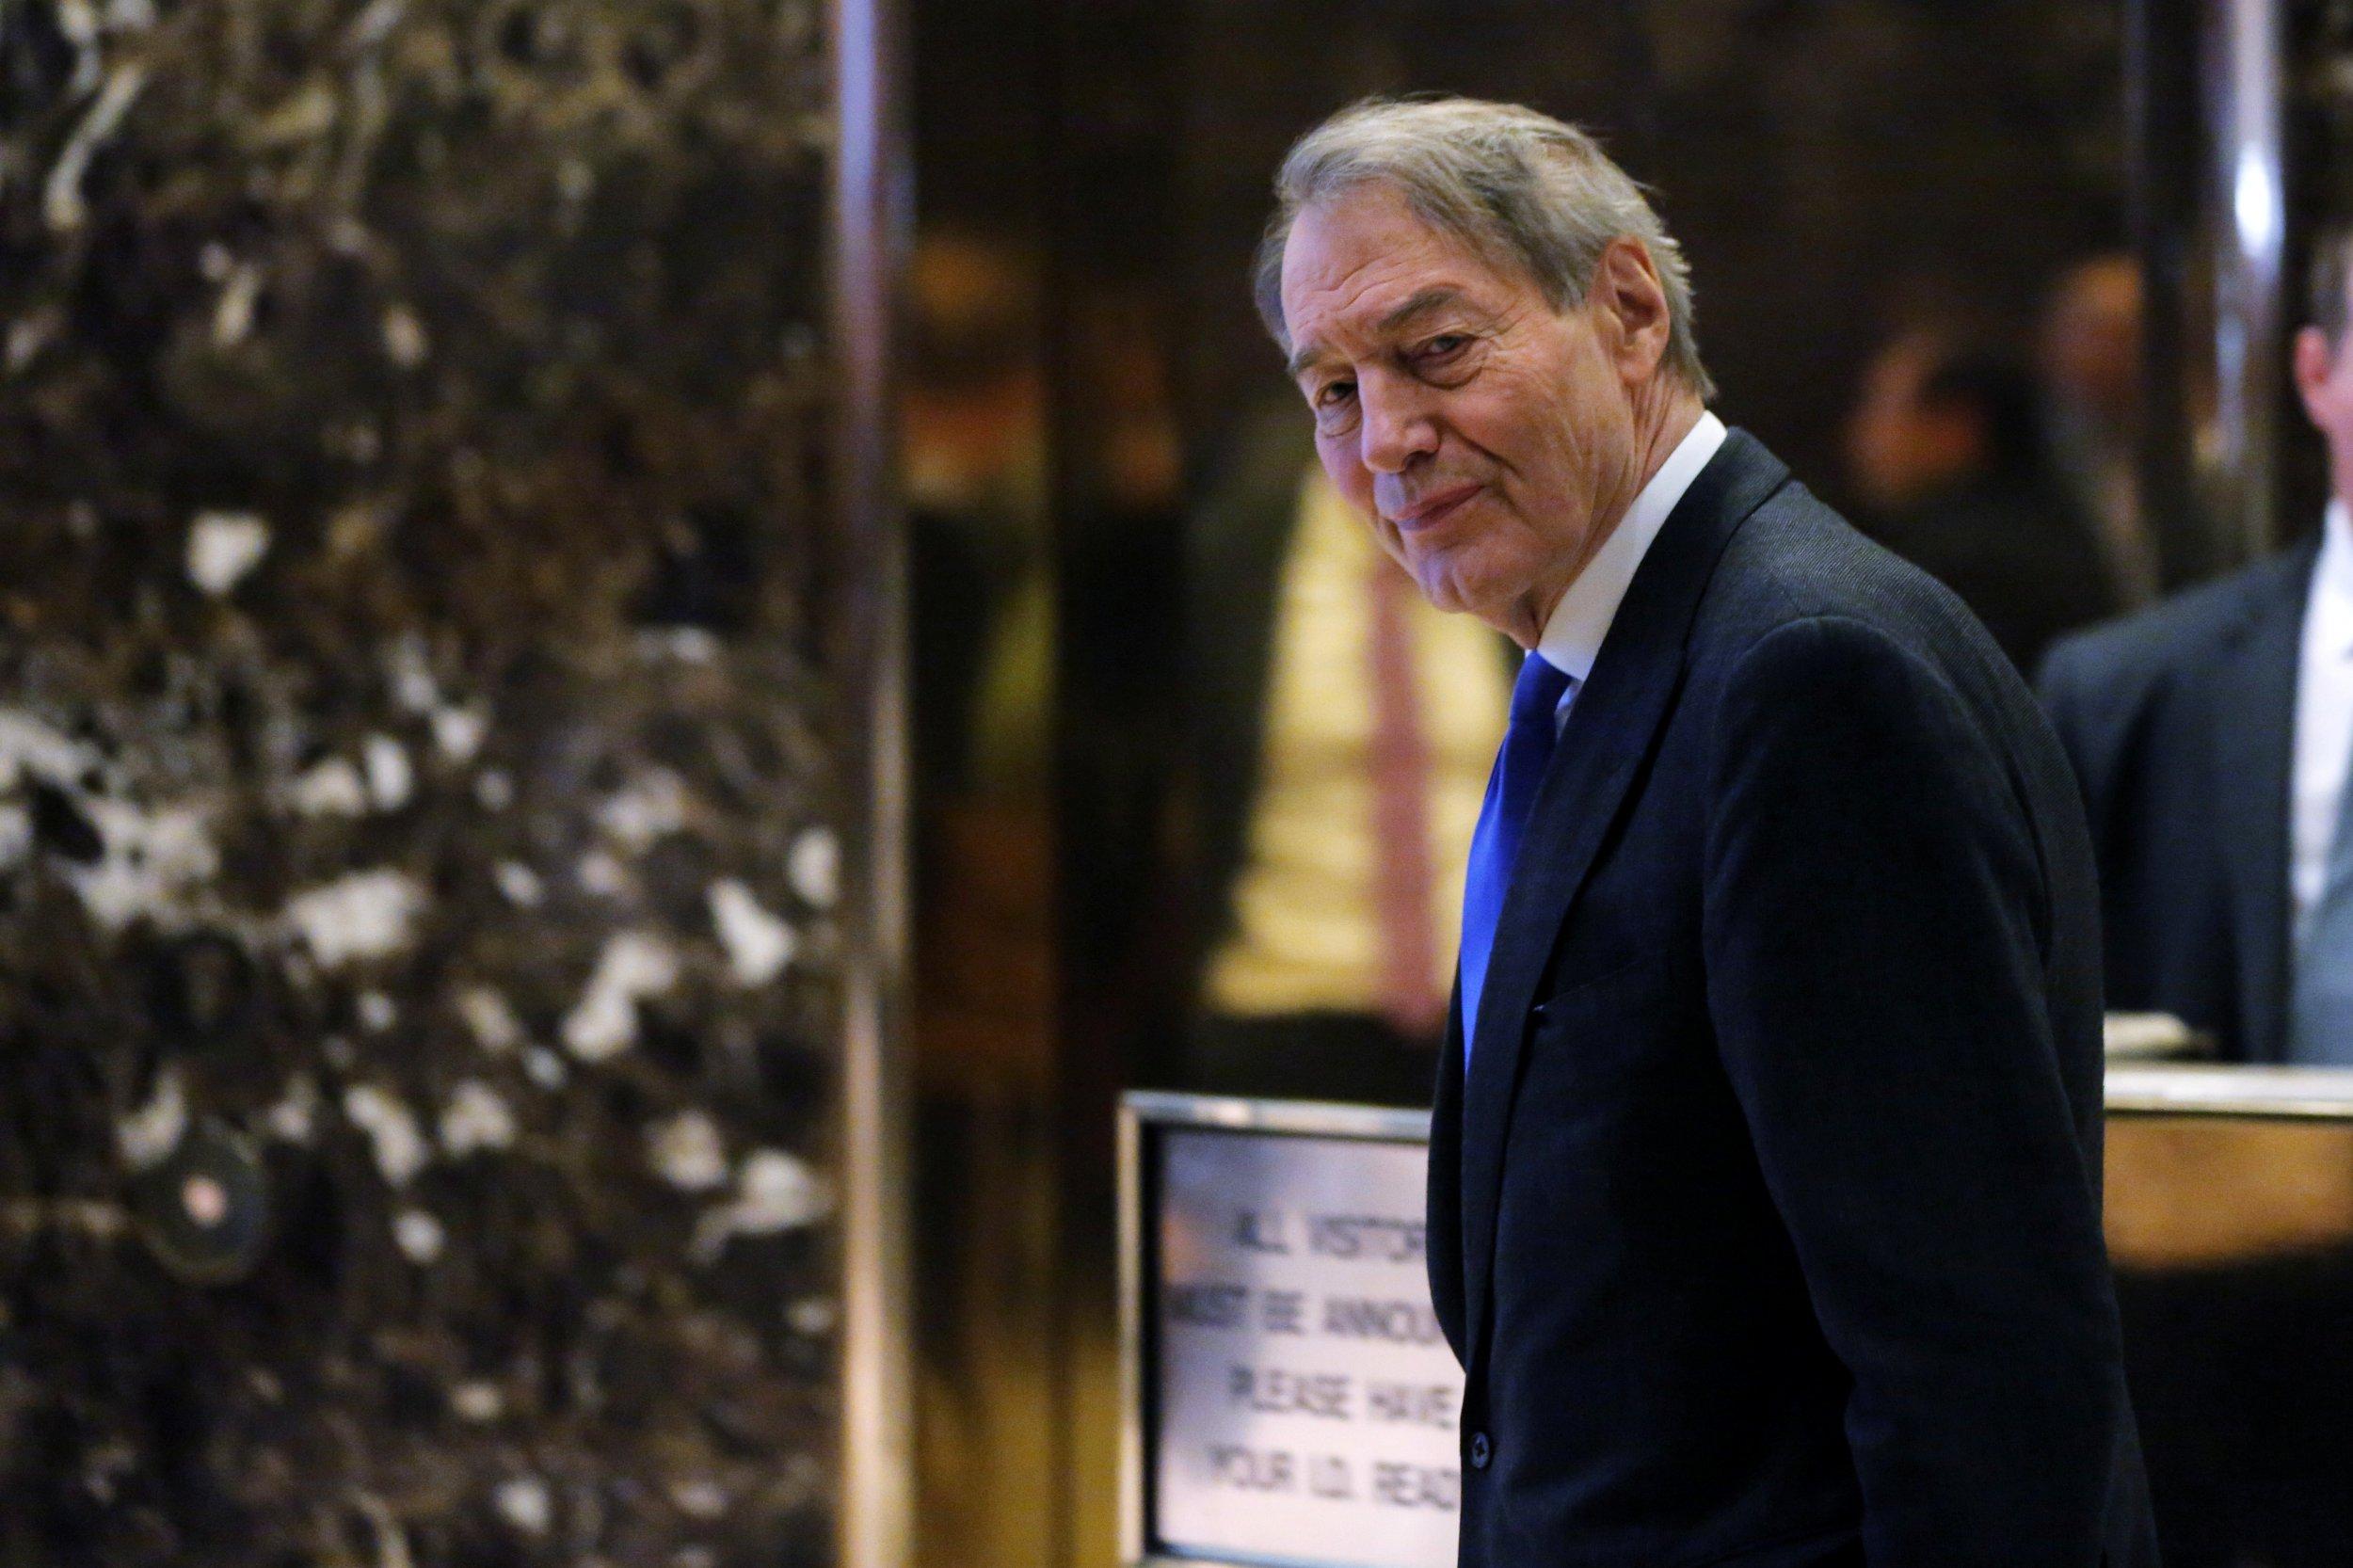 Charlie Rose leaves Trump Tower